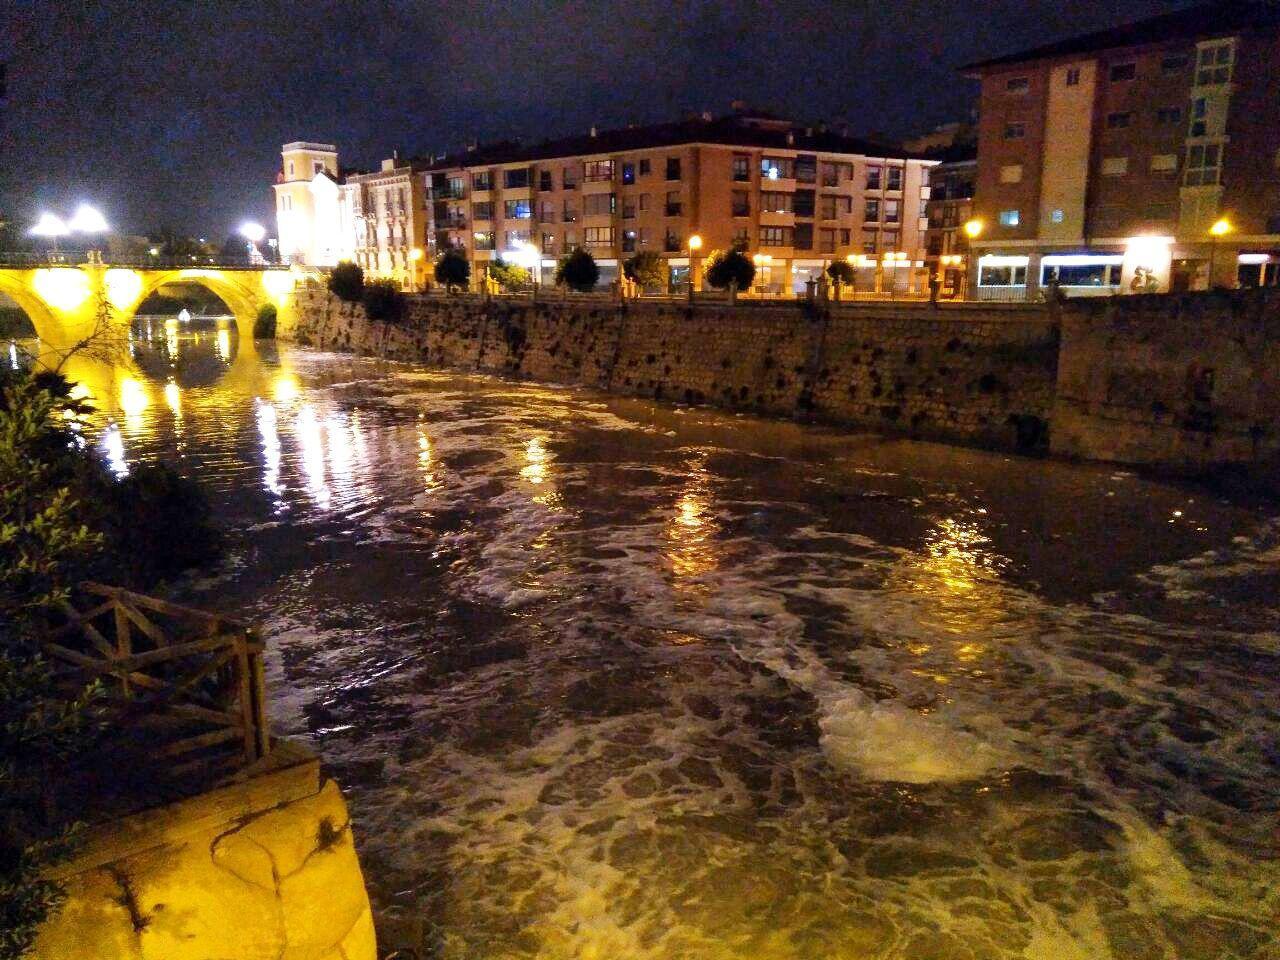 Espuma en el río Segura la noche del domingo 28 de enero. Imagen: Huermur